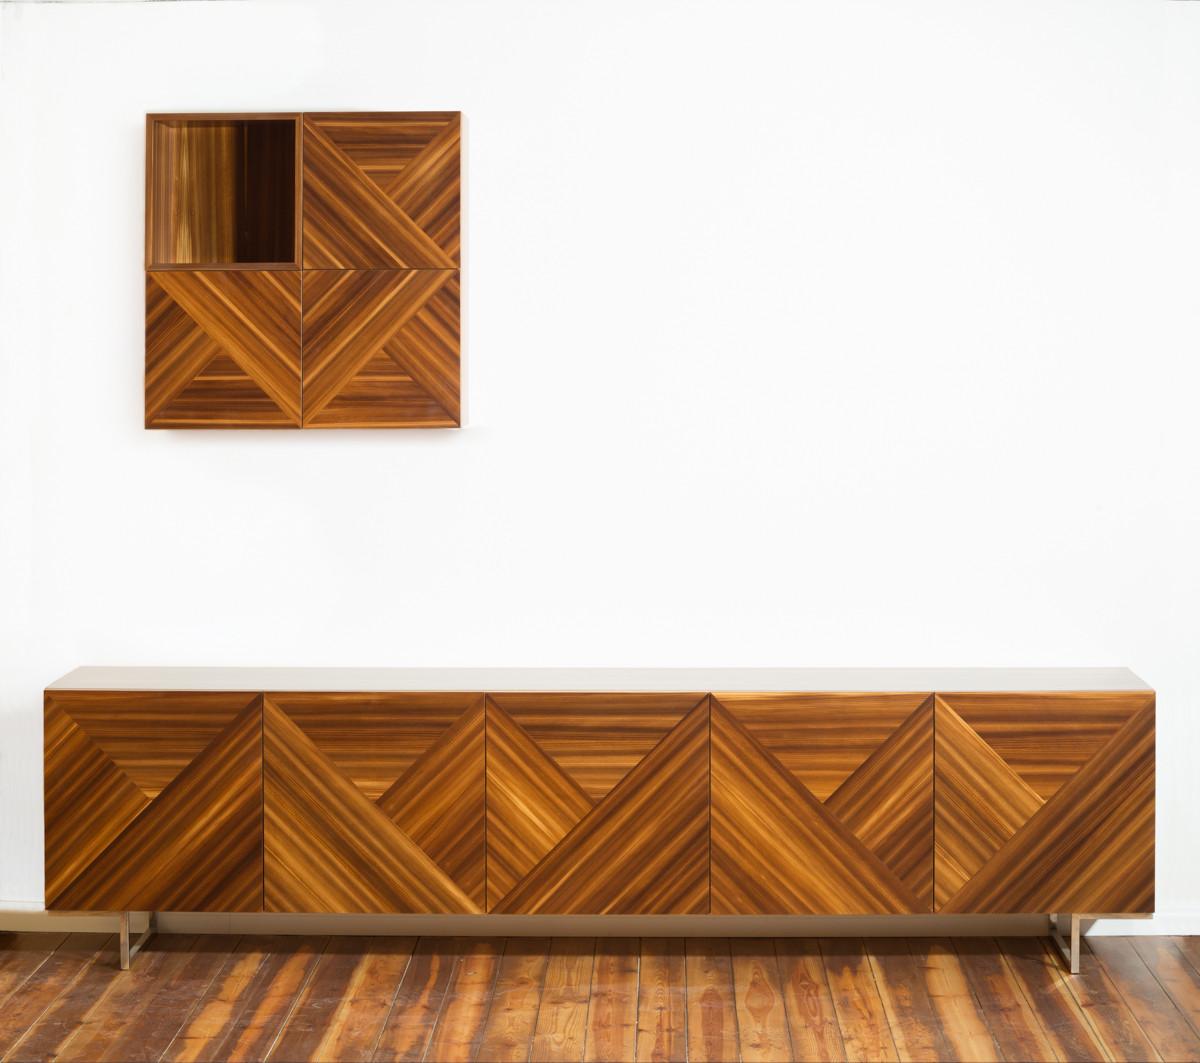 מזנון לסלון מעוצב בפורניר טבעי